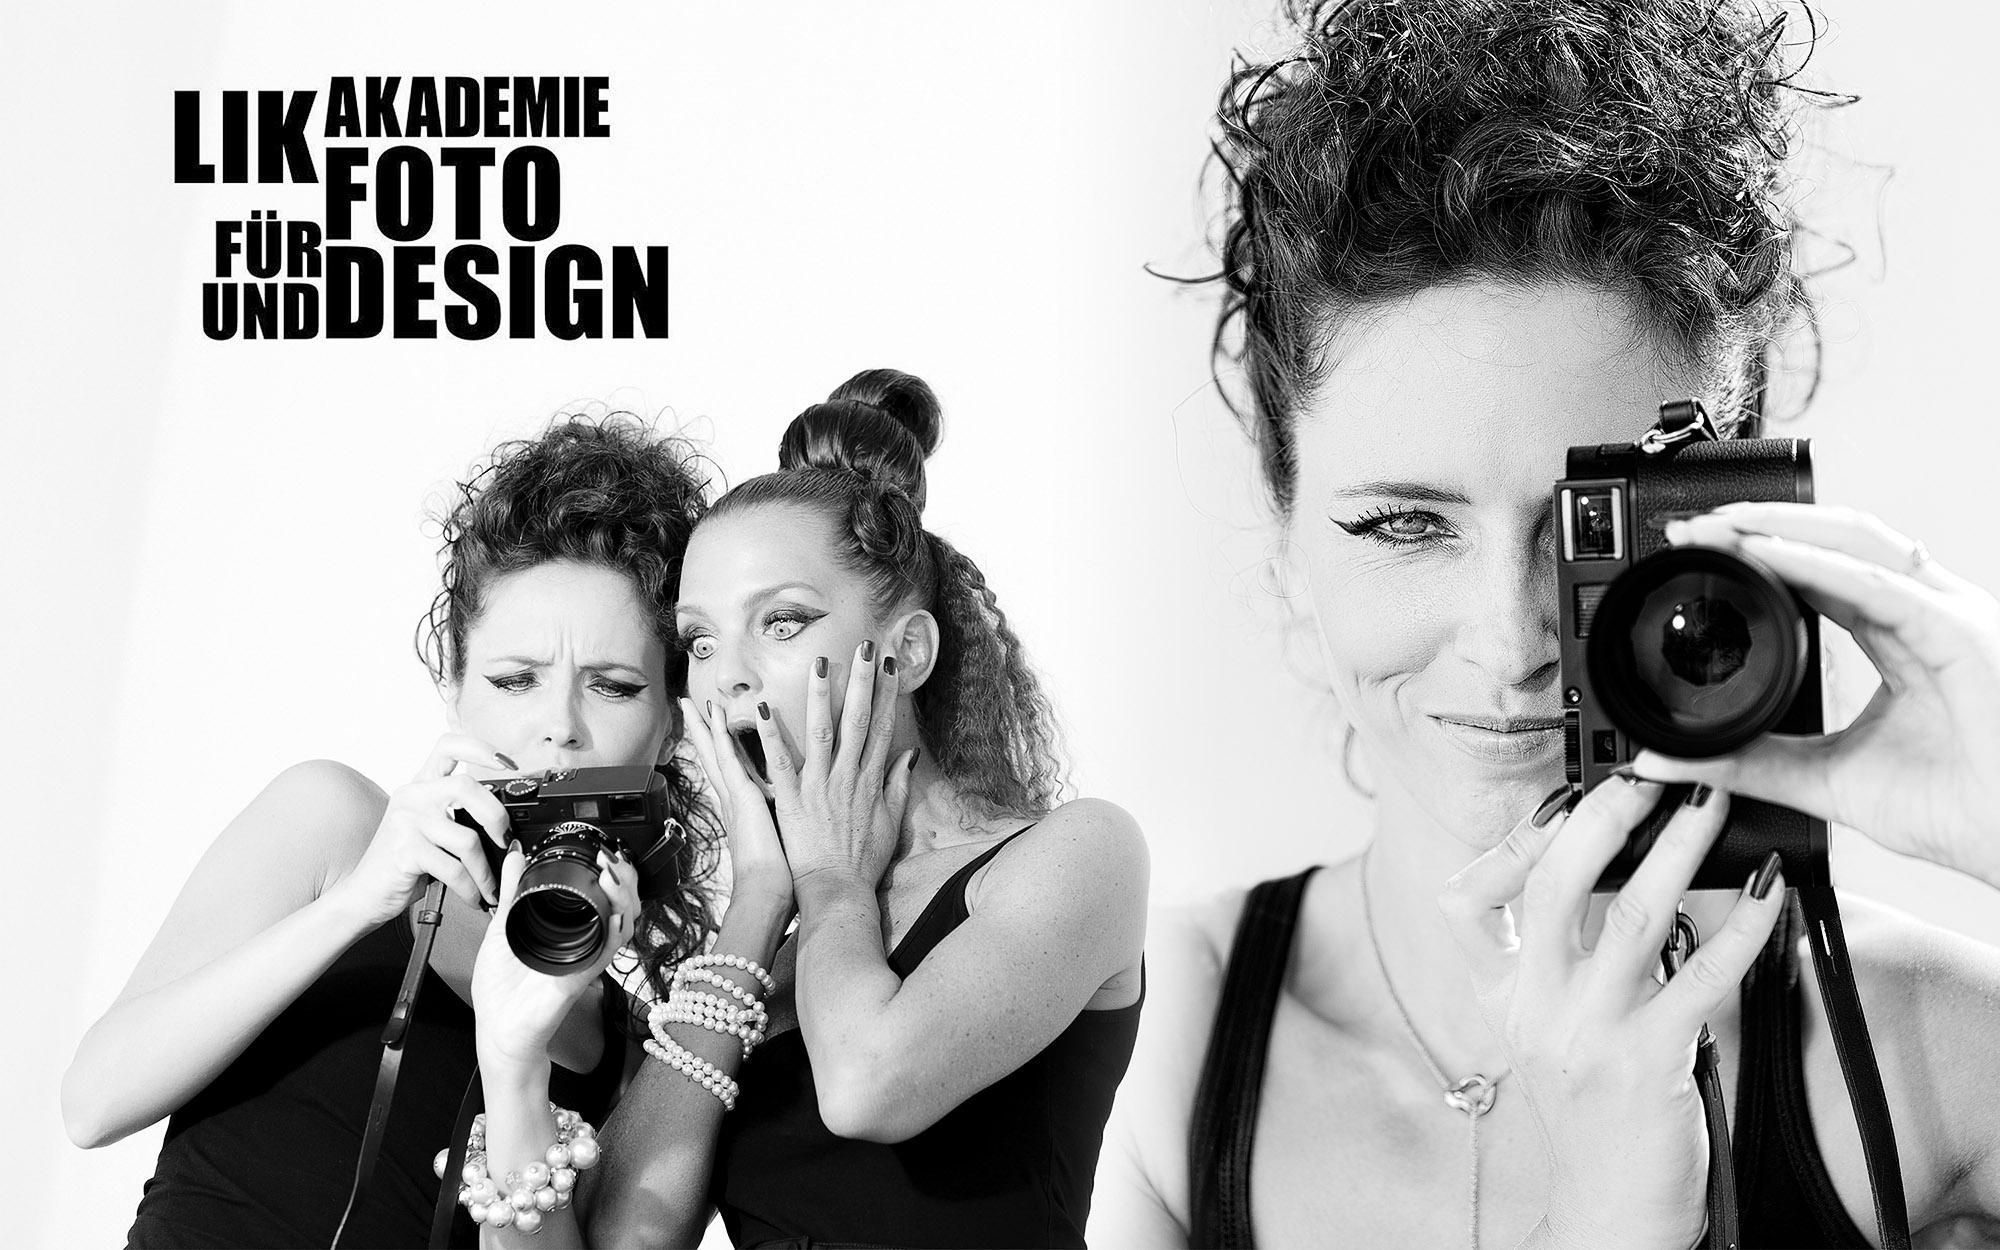 LIK - Akademie für Foto und Design